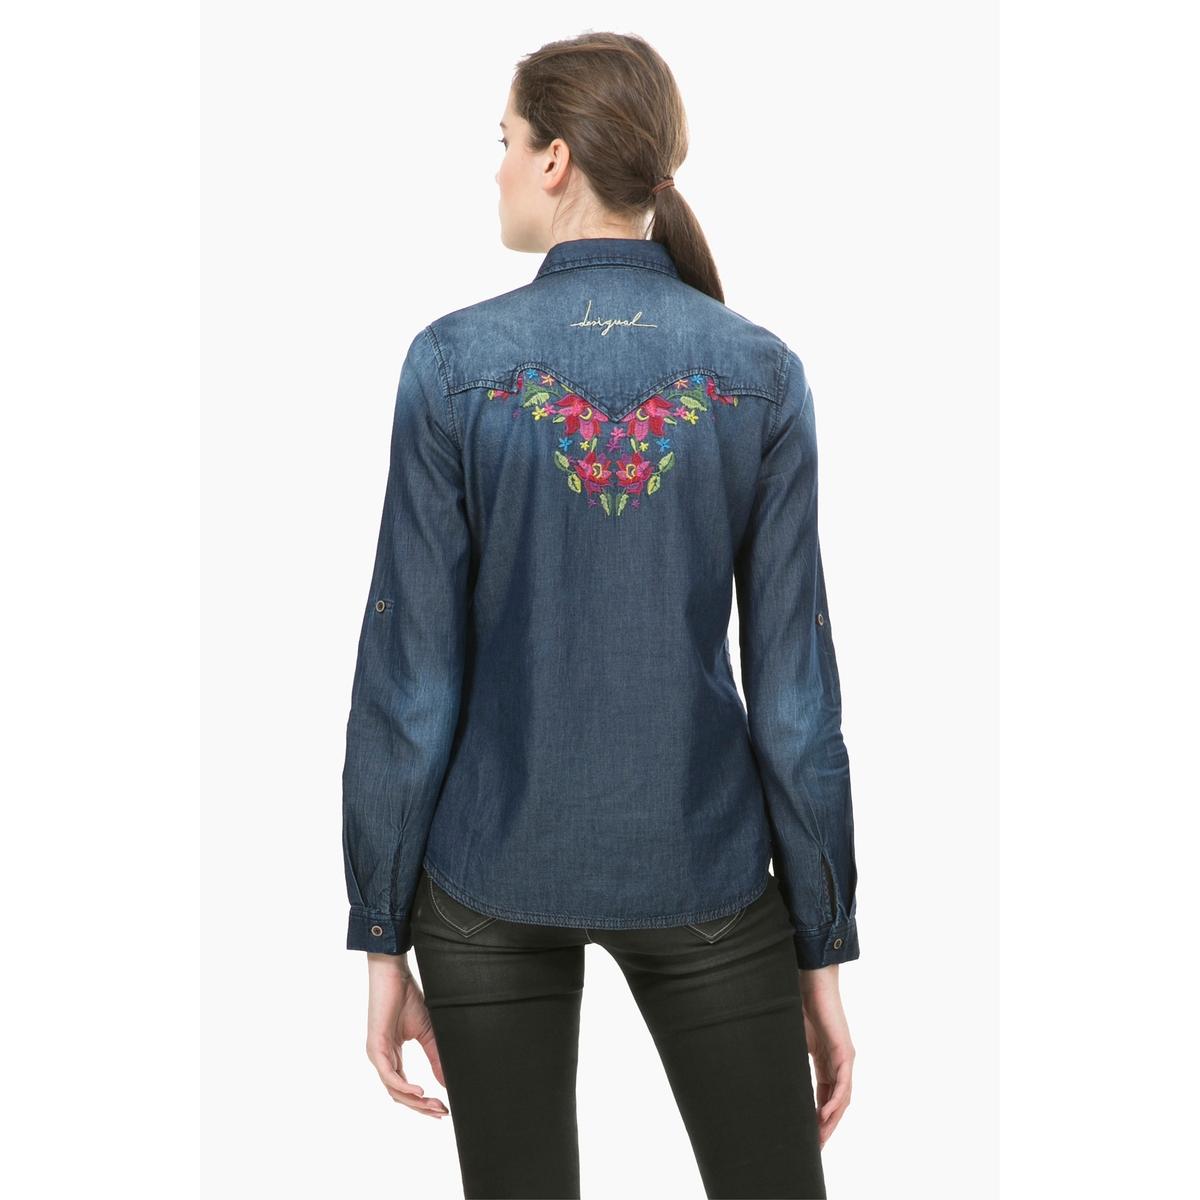 Рубашка из денима с длинными рукавами и принтом, Cam LilithСостав и описаниеМарка : DESIGUALМодель : Cam LilithМатериал : 100% хлопок<br><br>Цвет: светлый деним